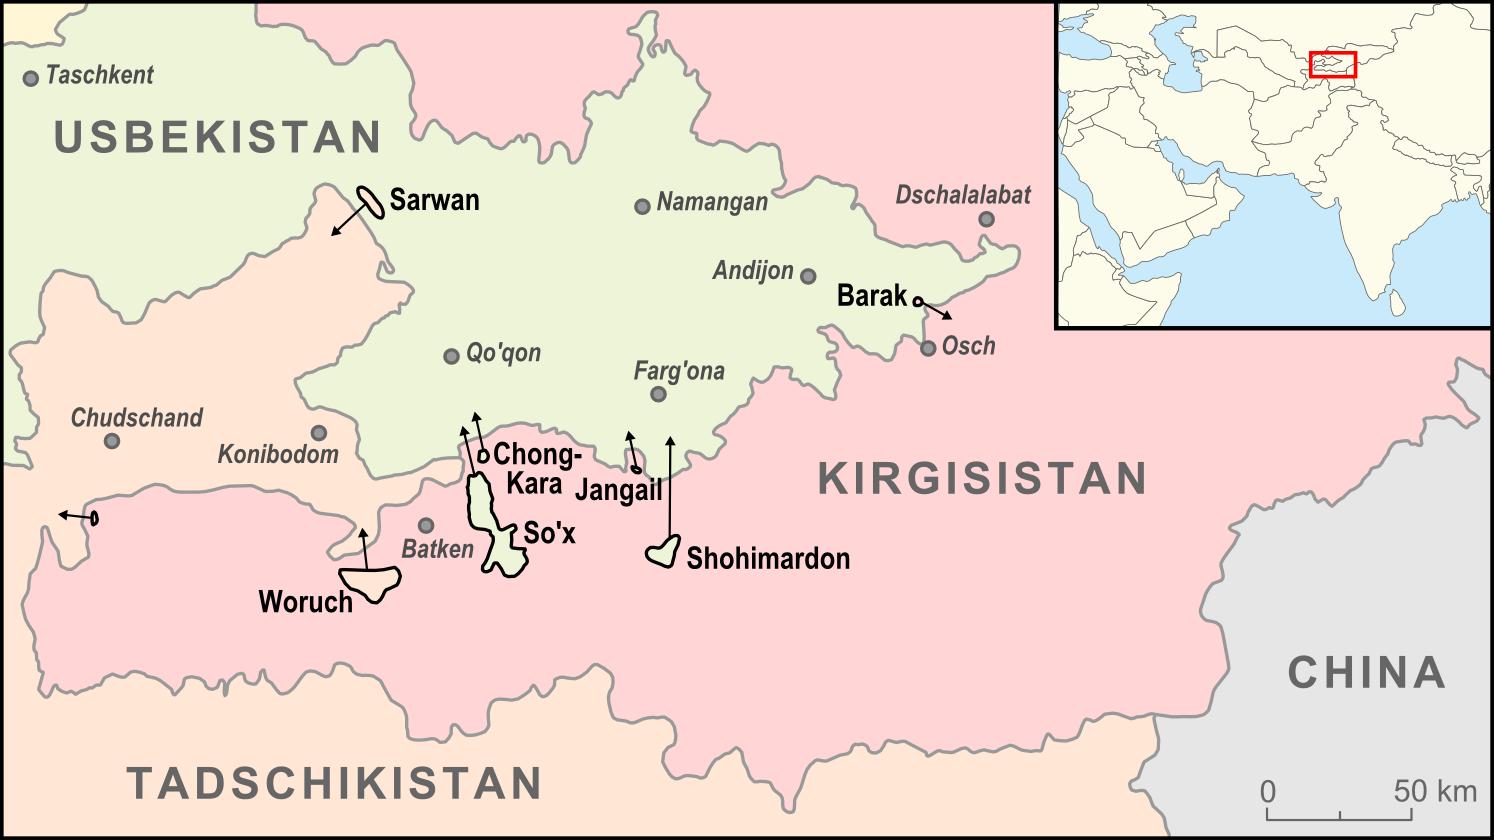 Rusija pojačava vojni kontigent u Tađikistanu Exklaven_von_Usbekistan%2C_Tadschikistan_und_Kirgisistan